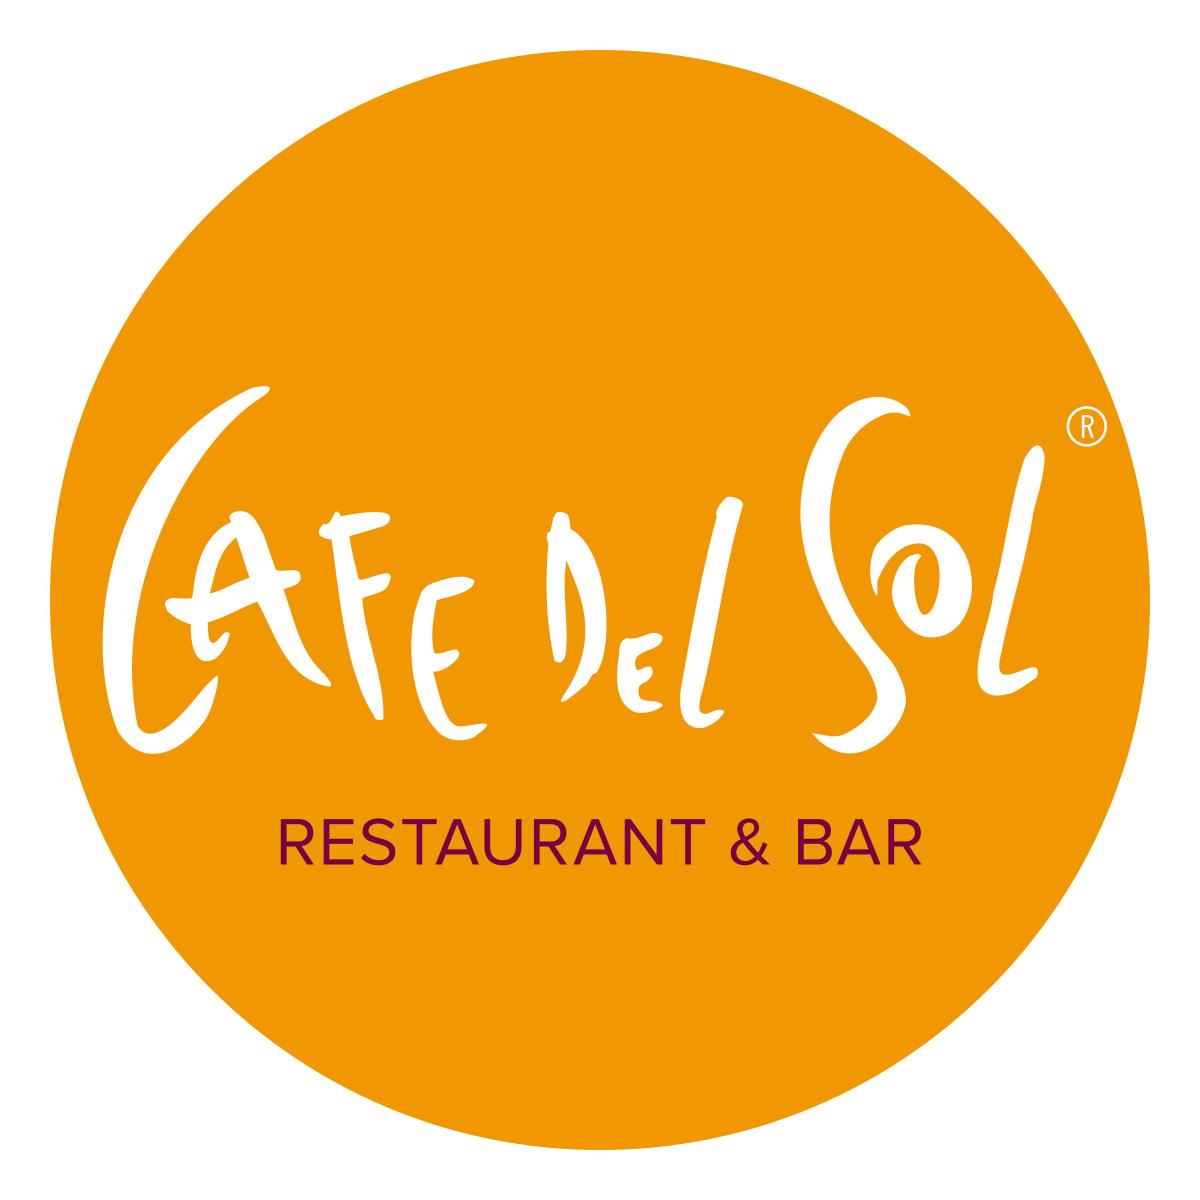 Dortmund Cafe Del Sol